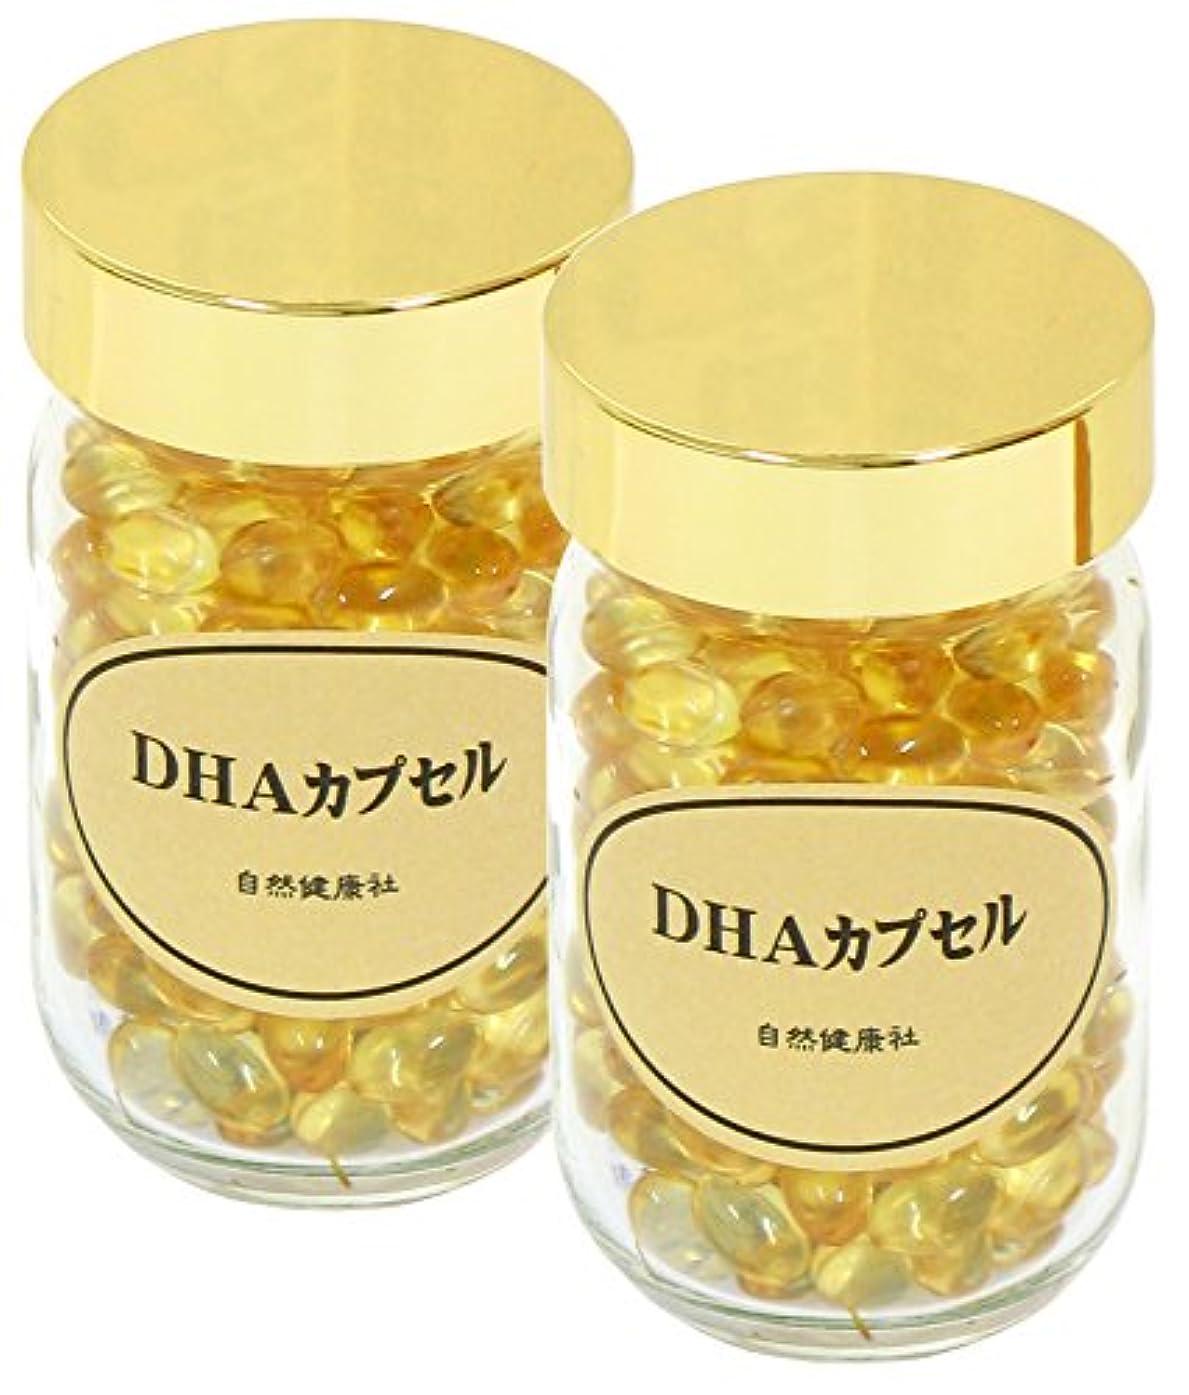 動ファンシー回転自然健康社 DHAカプセル 95g(460mg×206粒)×2個 ビン入り